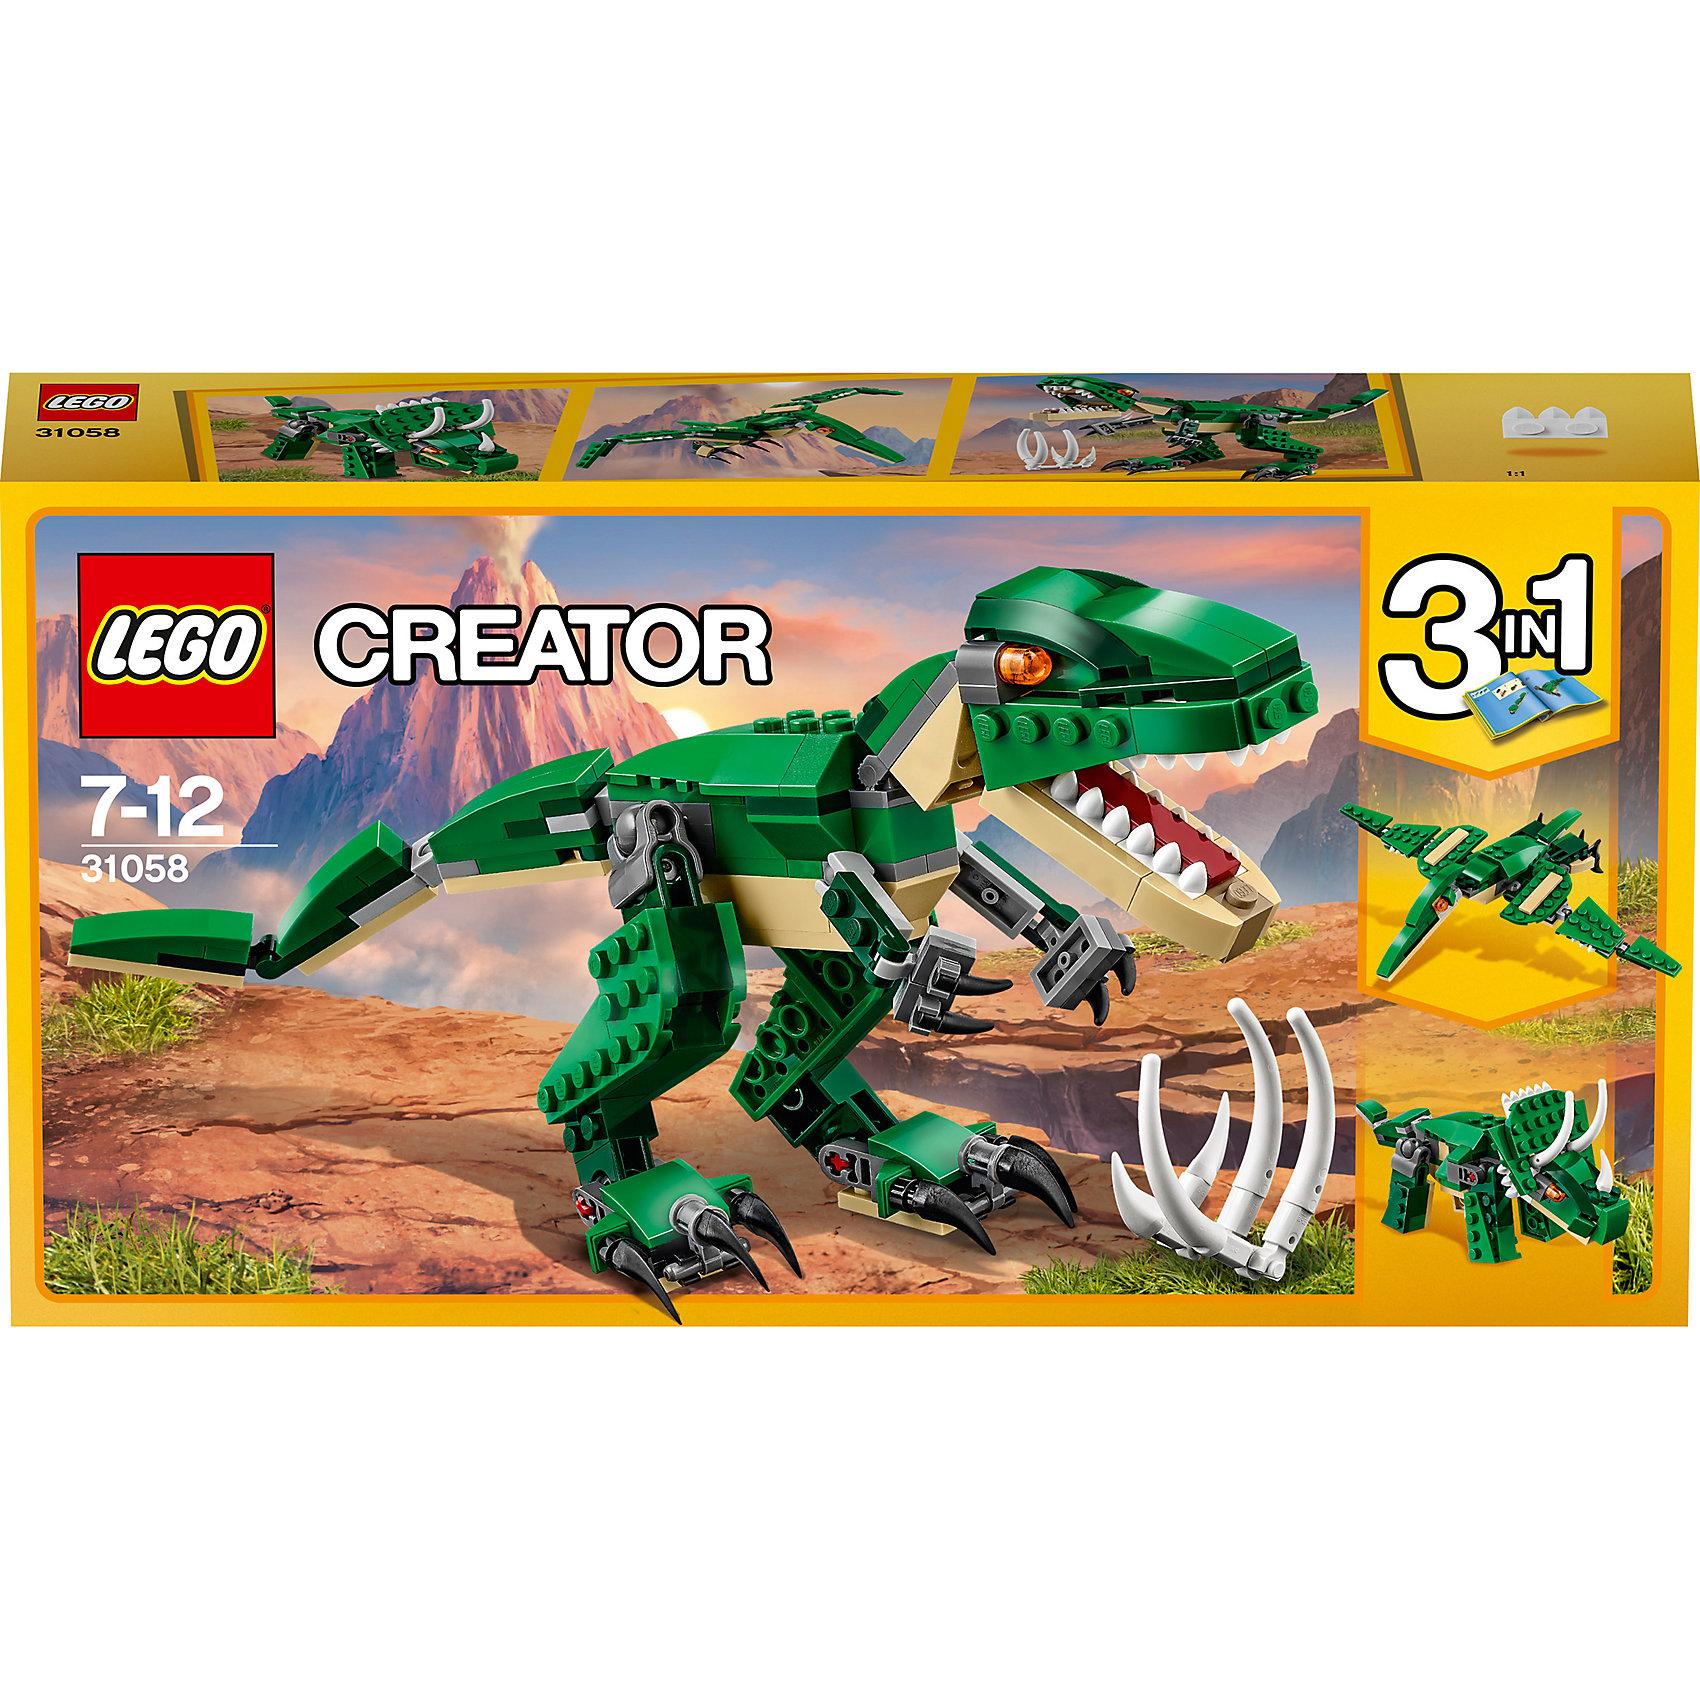 LEGO Creator 31058: Грозный динозаврПластмассовые конструкторы<br>LEGO Creator 31058: Грозный динозавр<br><br>Характеристики:<br><br>- в набор входит: детали для динозавра, красочная инструкция<br>- состав: пластик<br>- количество деталей: 174<br>- высота тираннозавра: 11 см.<br>- высота трицератопса: 9 см.<br>- размер птеродактиля: 25 * 4 * 18 см.<br>- для детей в возрасте: от 7 до 12 лет<br>- Страна производитель: Дания/Китай/Чехия<br><br>Легендарный конструктор LEGO (ЛЕГО) представляет серию «Creator» (Криэйтор), которая позволяет детям экспериментировать с домами, машинами, самолетами и существами. Каждый набор этой серии подразумевает перестройку тремя разными способами убирая ограничения веселья! Набор Красный вертолёт понравится юным любителям динозавтров. Реалистичный тираннозавр с подвижными конечностями и открывающейся пастью перестраивается в летающего птеродактиля или в мощного травоядного трицератопса. При наличии трех таких наборов можно играть сразу с тремя разными динозаврами или построить семью из трех одинаковых. Играя с конструктором ребенок развивает моторику рук, воображение и логическое мышление, научится собирать по инструкции и создавать свои модели. Придумывайте новые игры с набором LEGO «Creator»!<br><br>Конструктор LEGO Creator 31058: Грозный динозавр можно купить в нашем интернет-магазине.<br><br>Ширина мм: 265<br>Глубина мм: 142<br>Высота мм: 53<br>Вес г: 249<br>Возраст от месяцев: 84<br>Возраст до месяцев: 144<br>Пол: Мужской<br>Возраст: Детский<br>SKU: 5002500